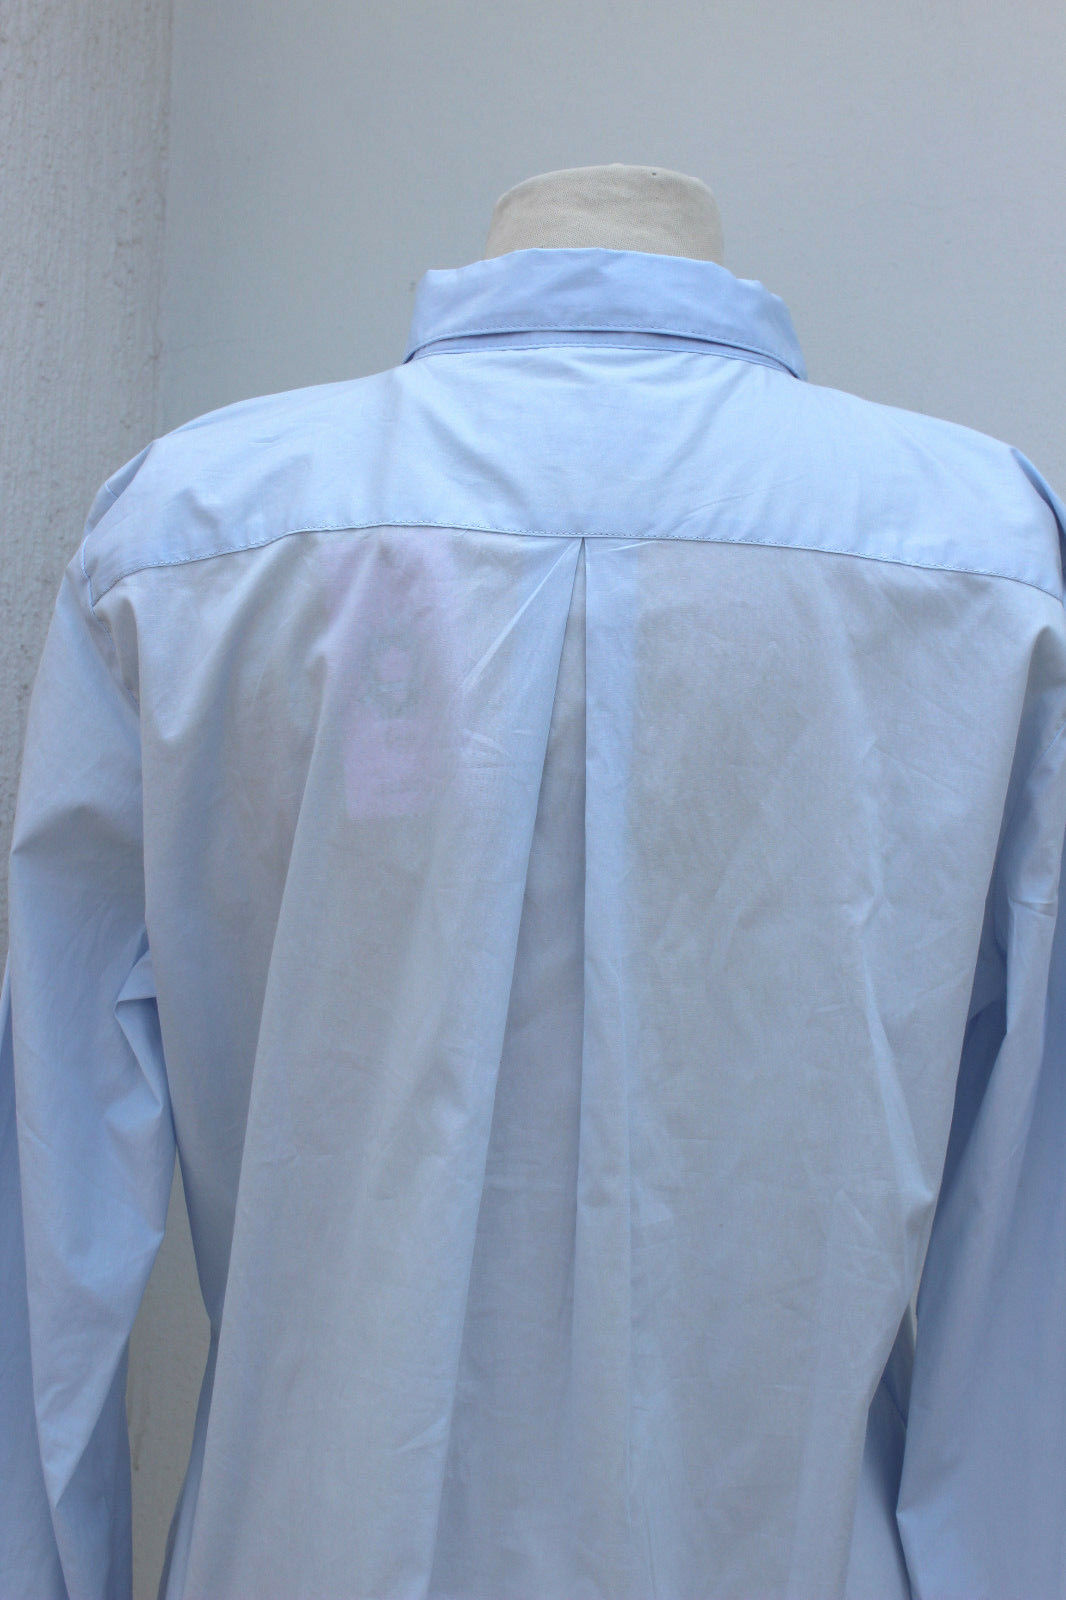 Emily Van den Bergh Bergh Bergh Camicia da Donna Camicia Blusa baumwollbluse Blu Toni Classico f59fe0